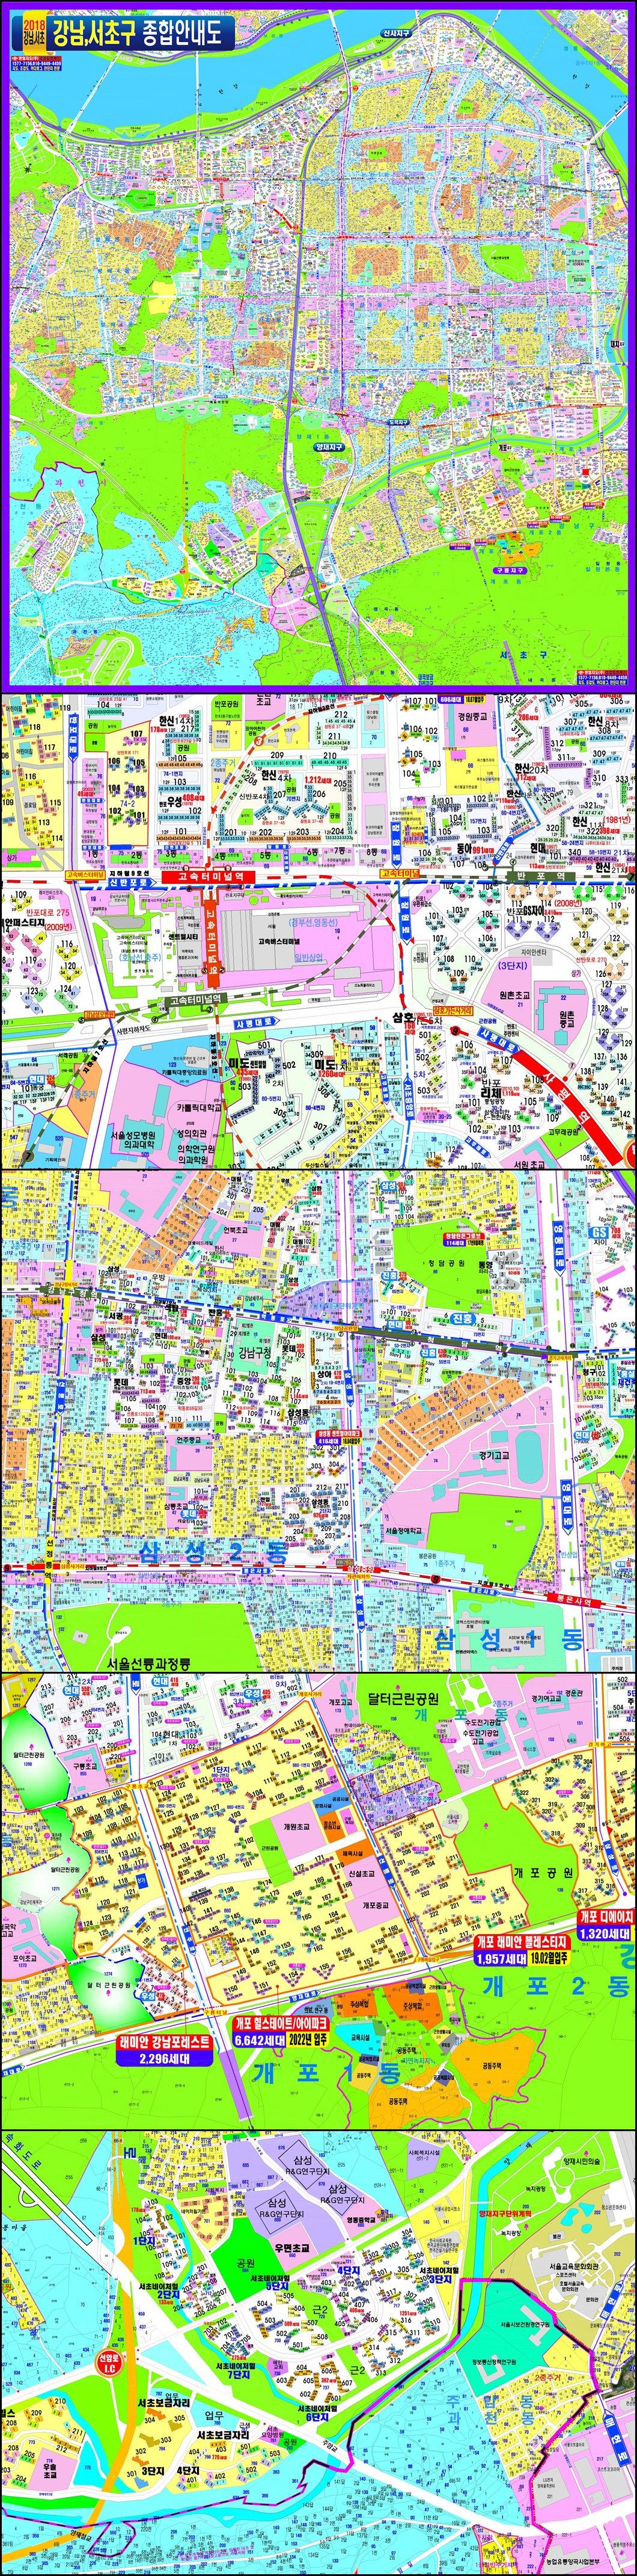 강남,서초종합안내도2200,2600(2파트) (2019_04_16 04_02_51 UTC)-vert.jpg